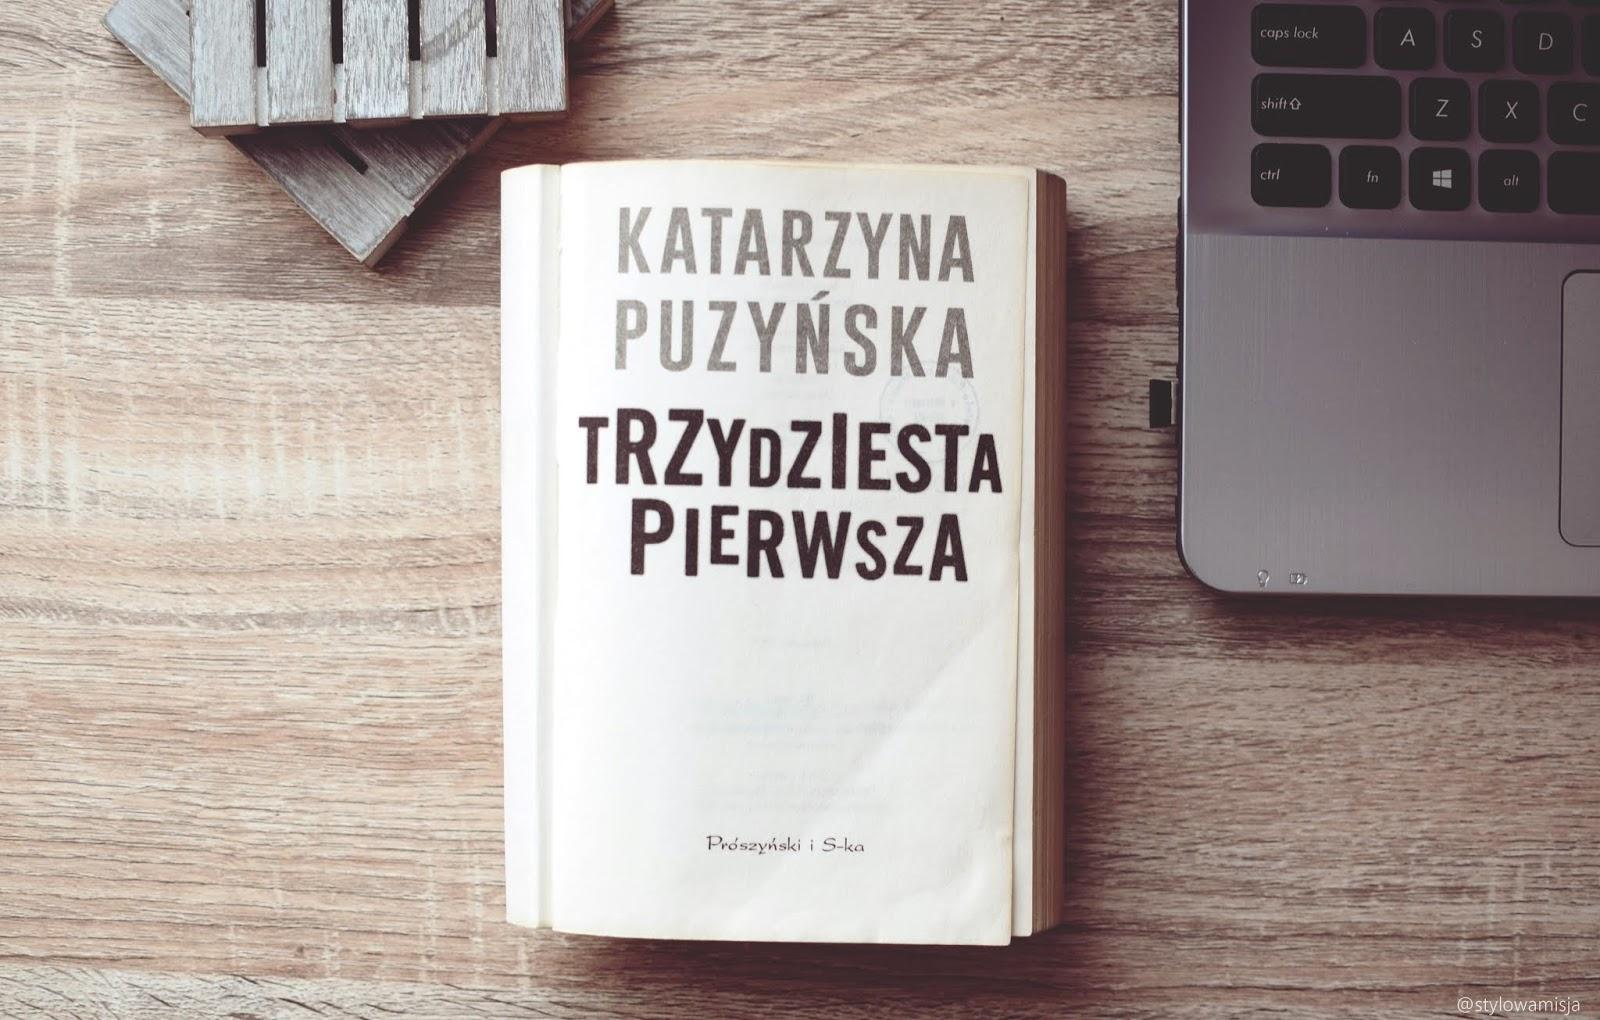 tomIII, TrzydziestaPierwsza, KatarzynaPuzyńska, Lipowo, kryminał, psychologiczny, opowiadanie, recenzja,